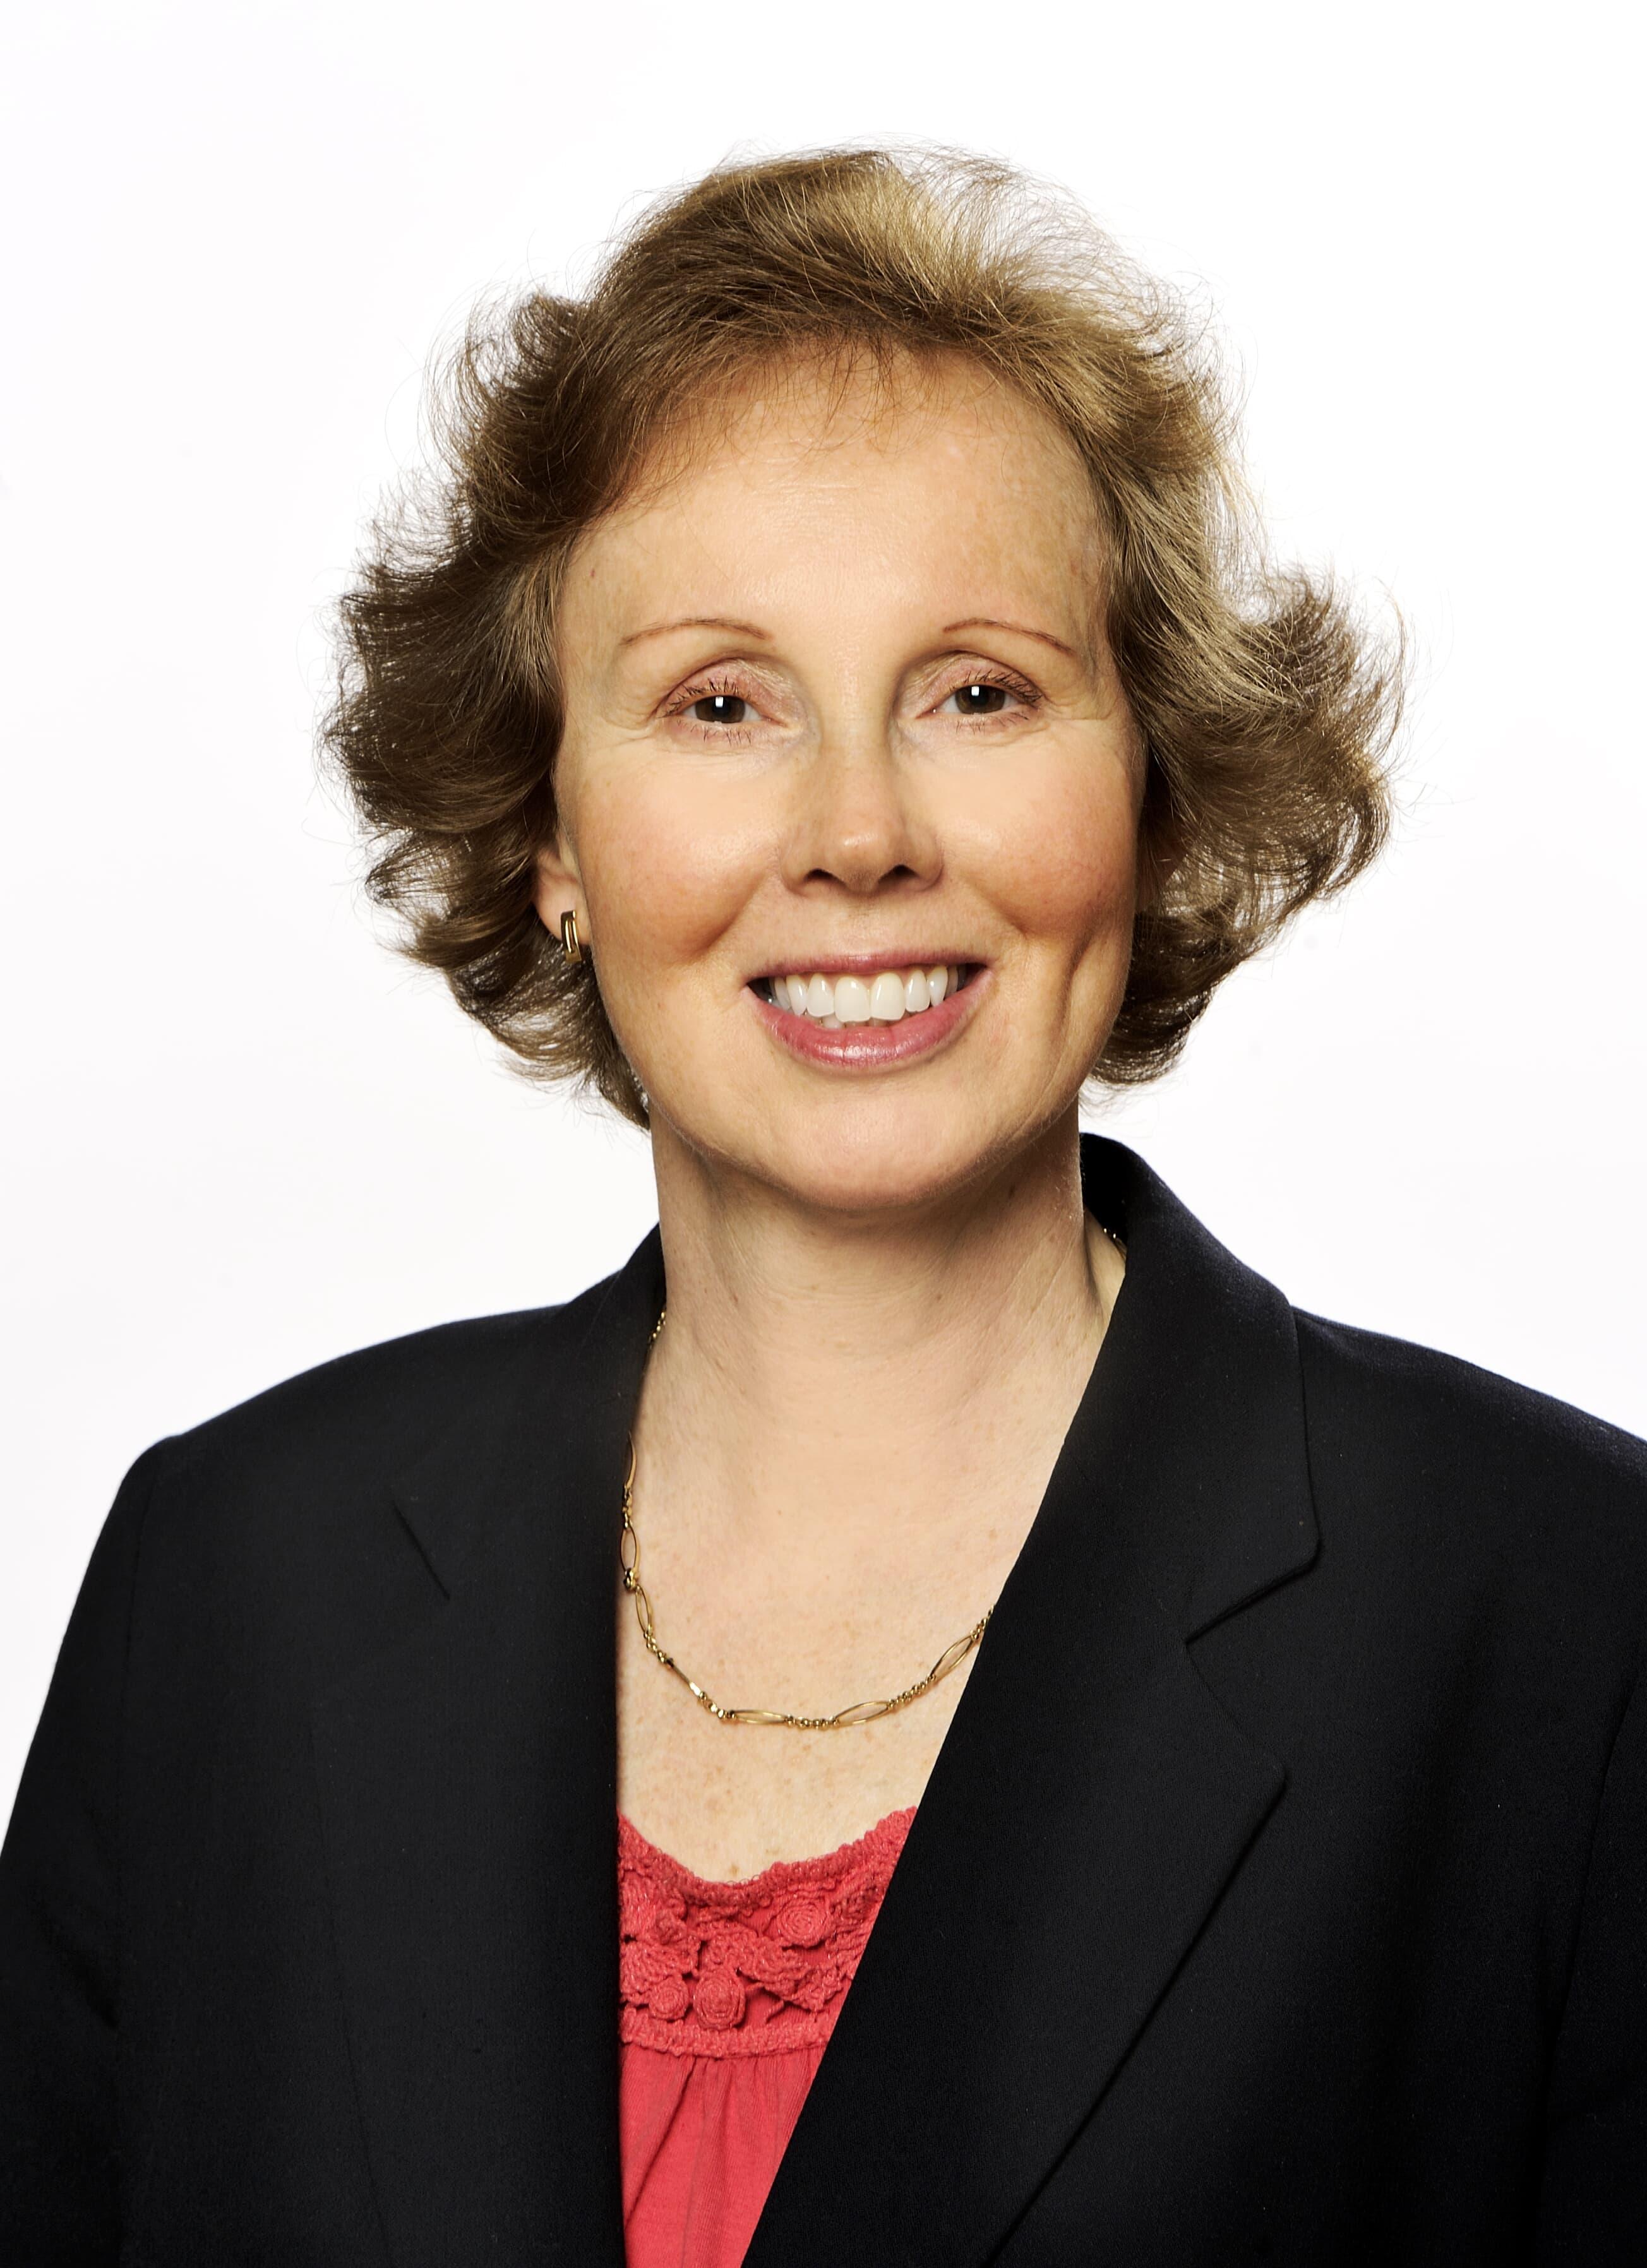 Christine Gunnarsson, presschef, ABB Sverige<br>Christine Gunnarsson, press cheif, ABB in Sweden